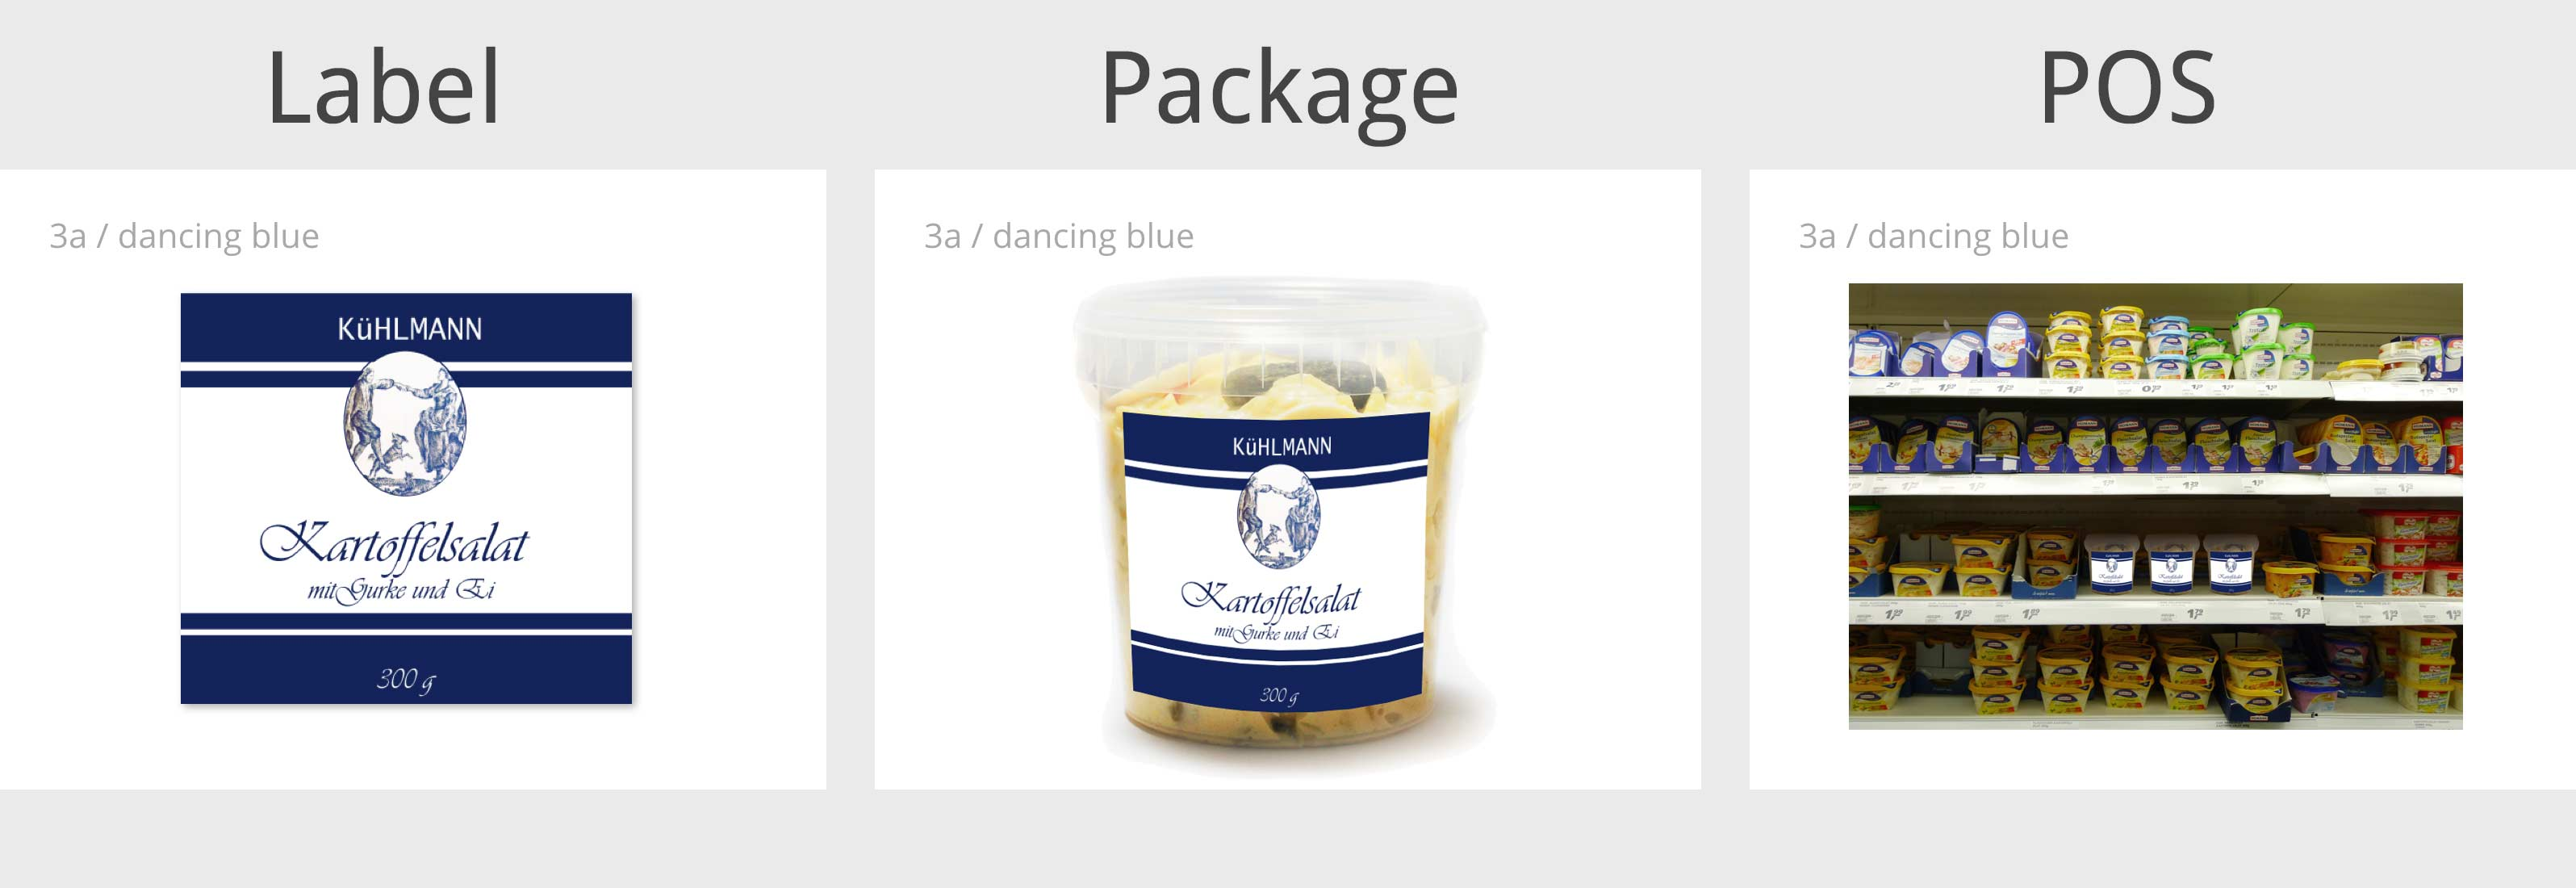 Die Markenagentur entwickelt abverkaufsstarke Verkaufsverpackungen.